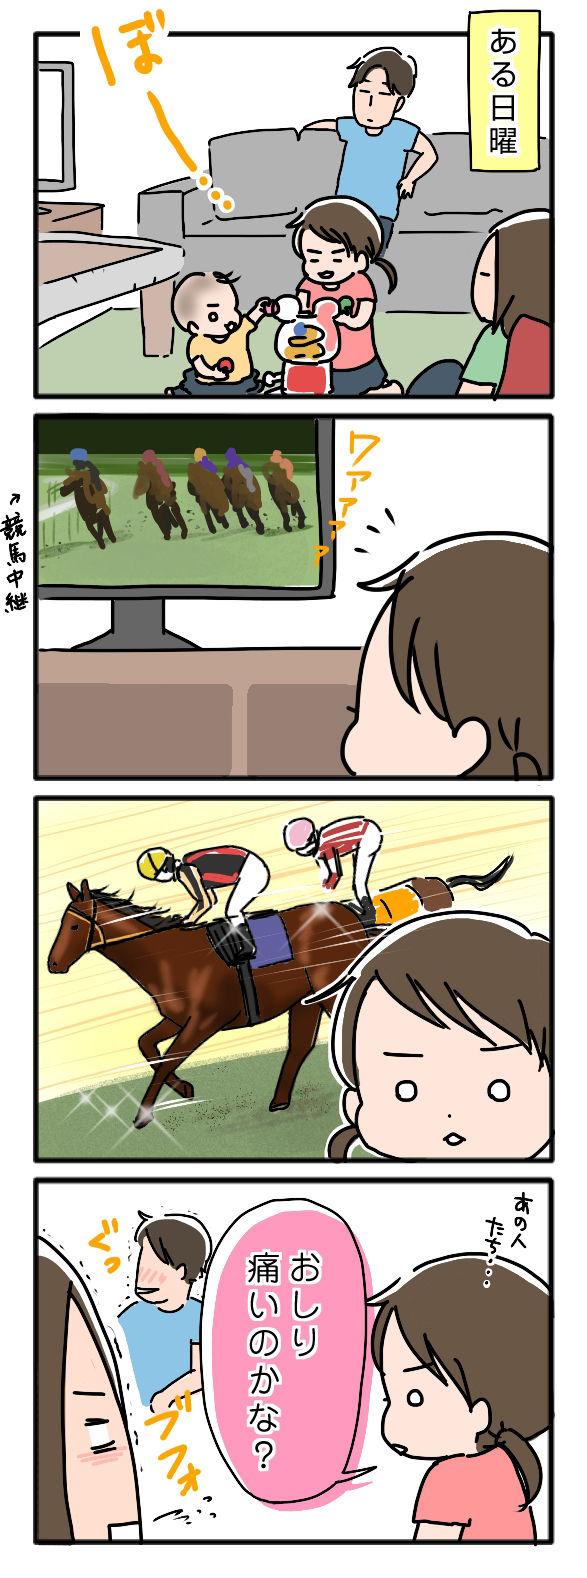 メイ子と競馬